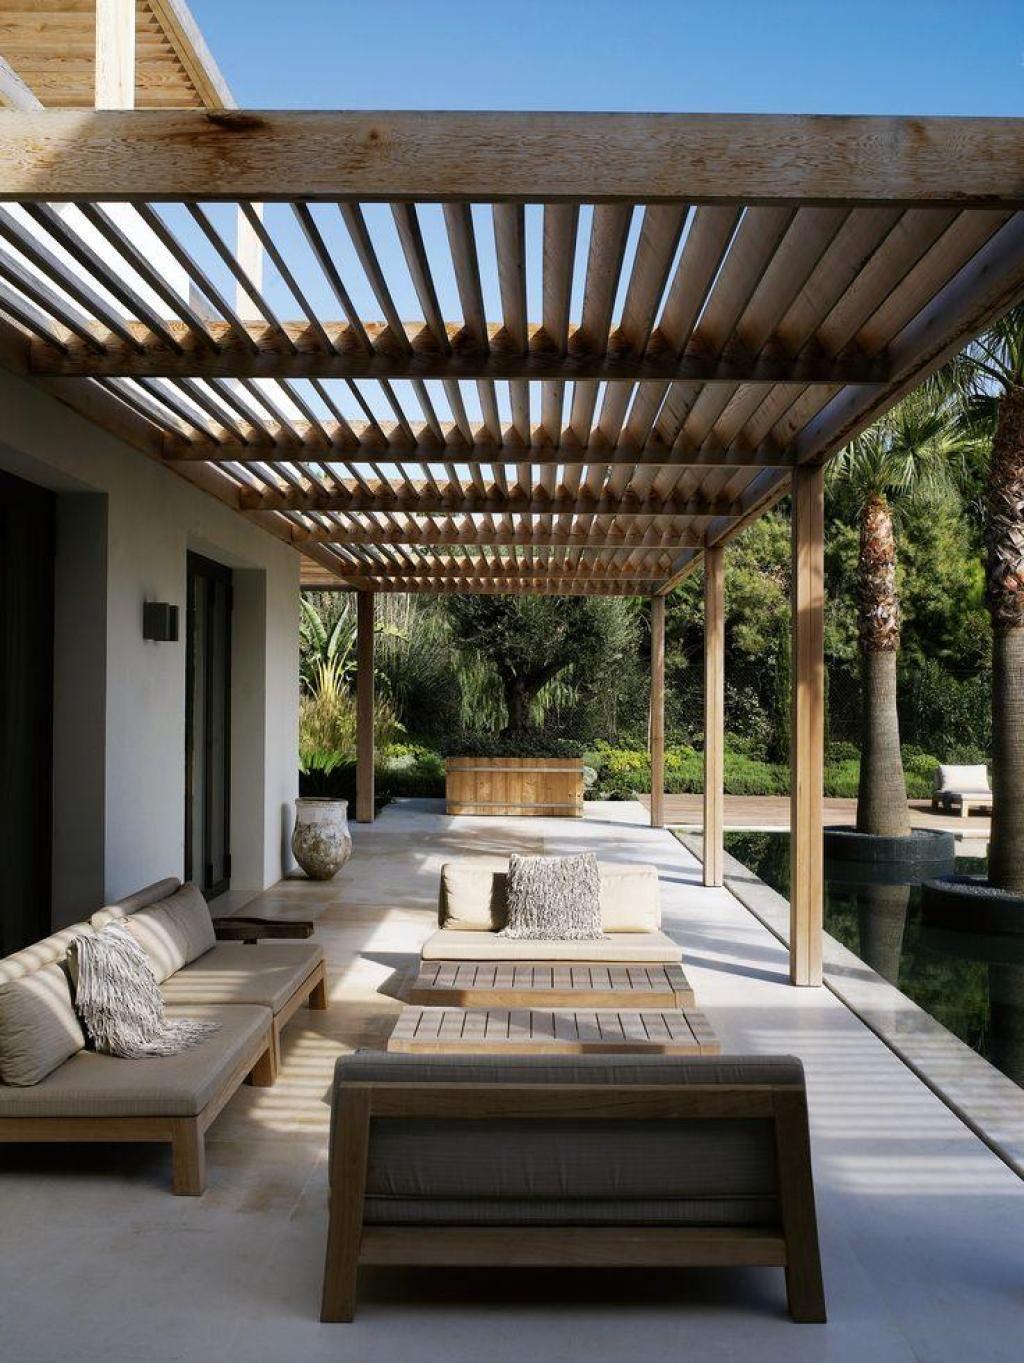 Garten Pergola Gestalten - 50 Ideen Ihre Sommerliche